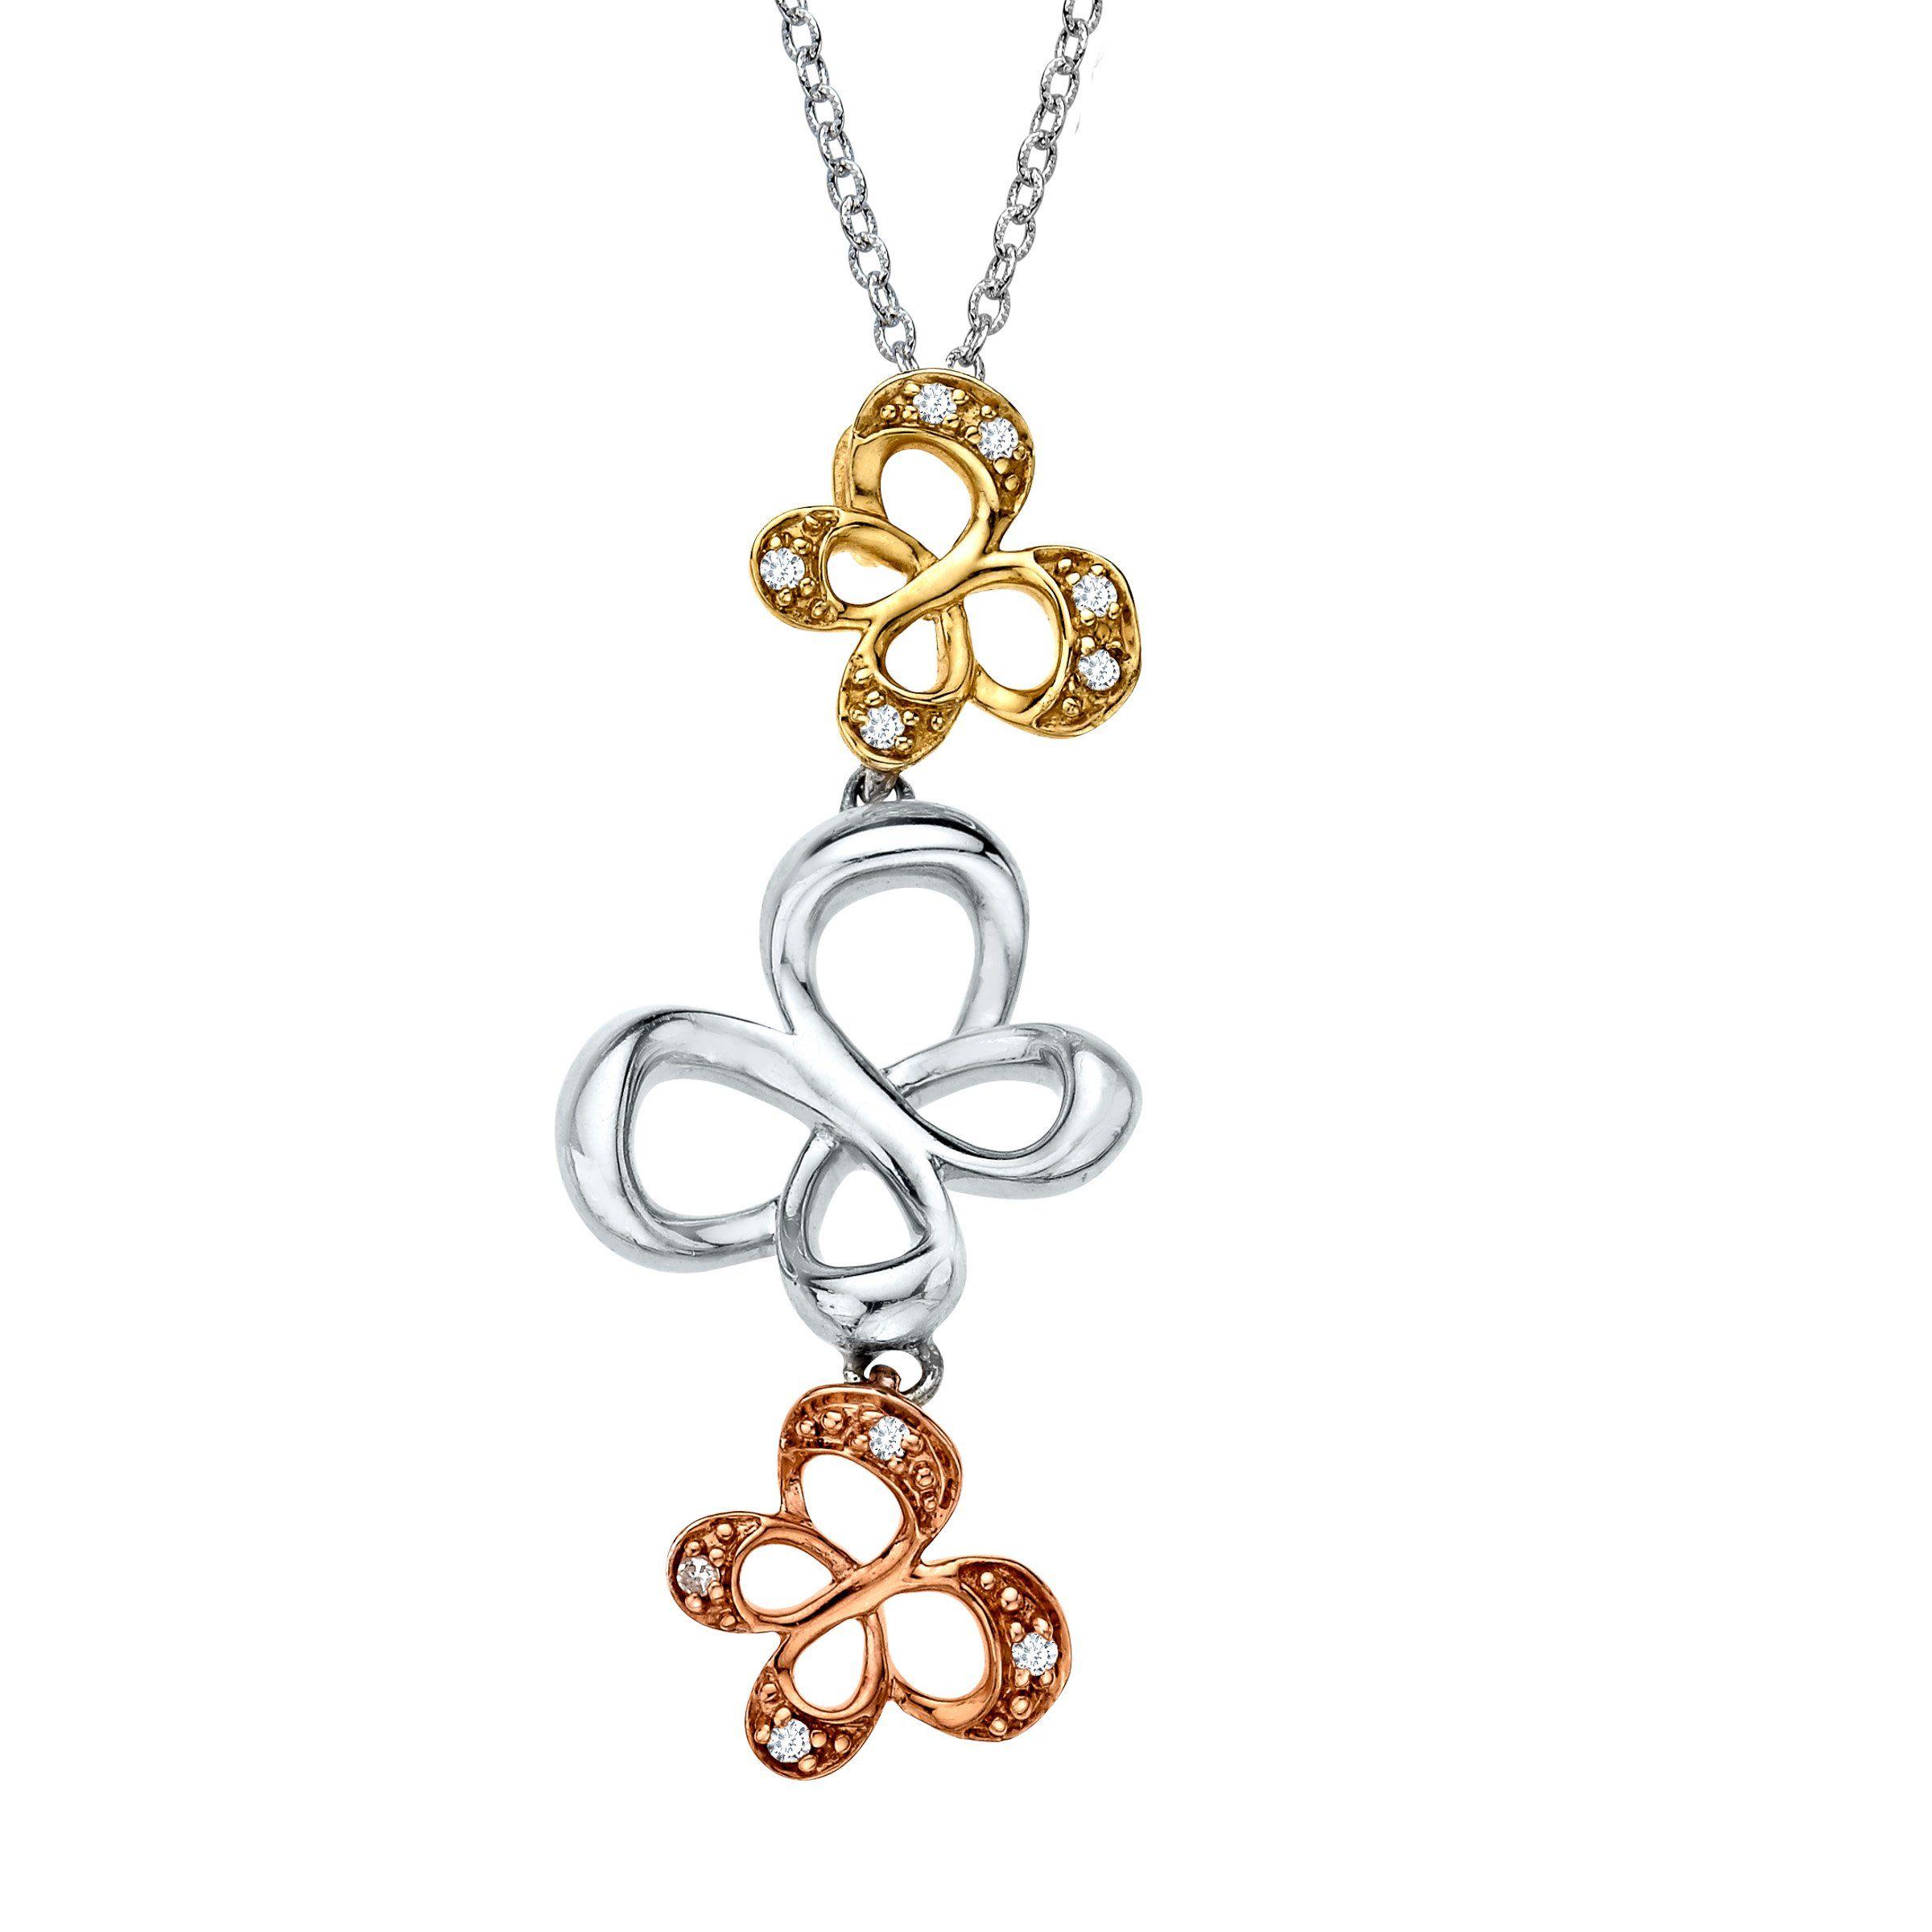 Jessica simpson diamond pendant necklace diamond pendant